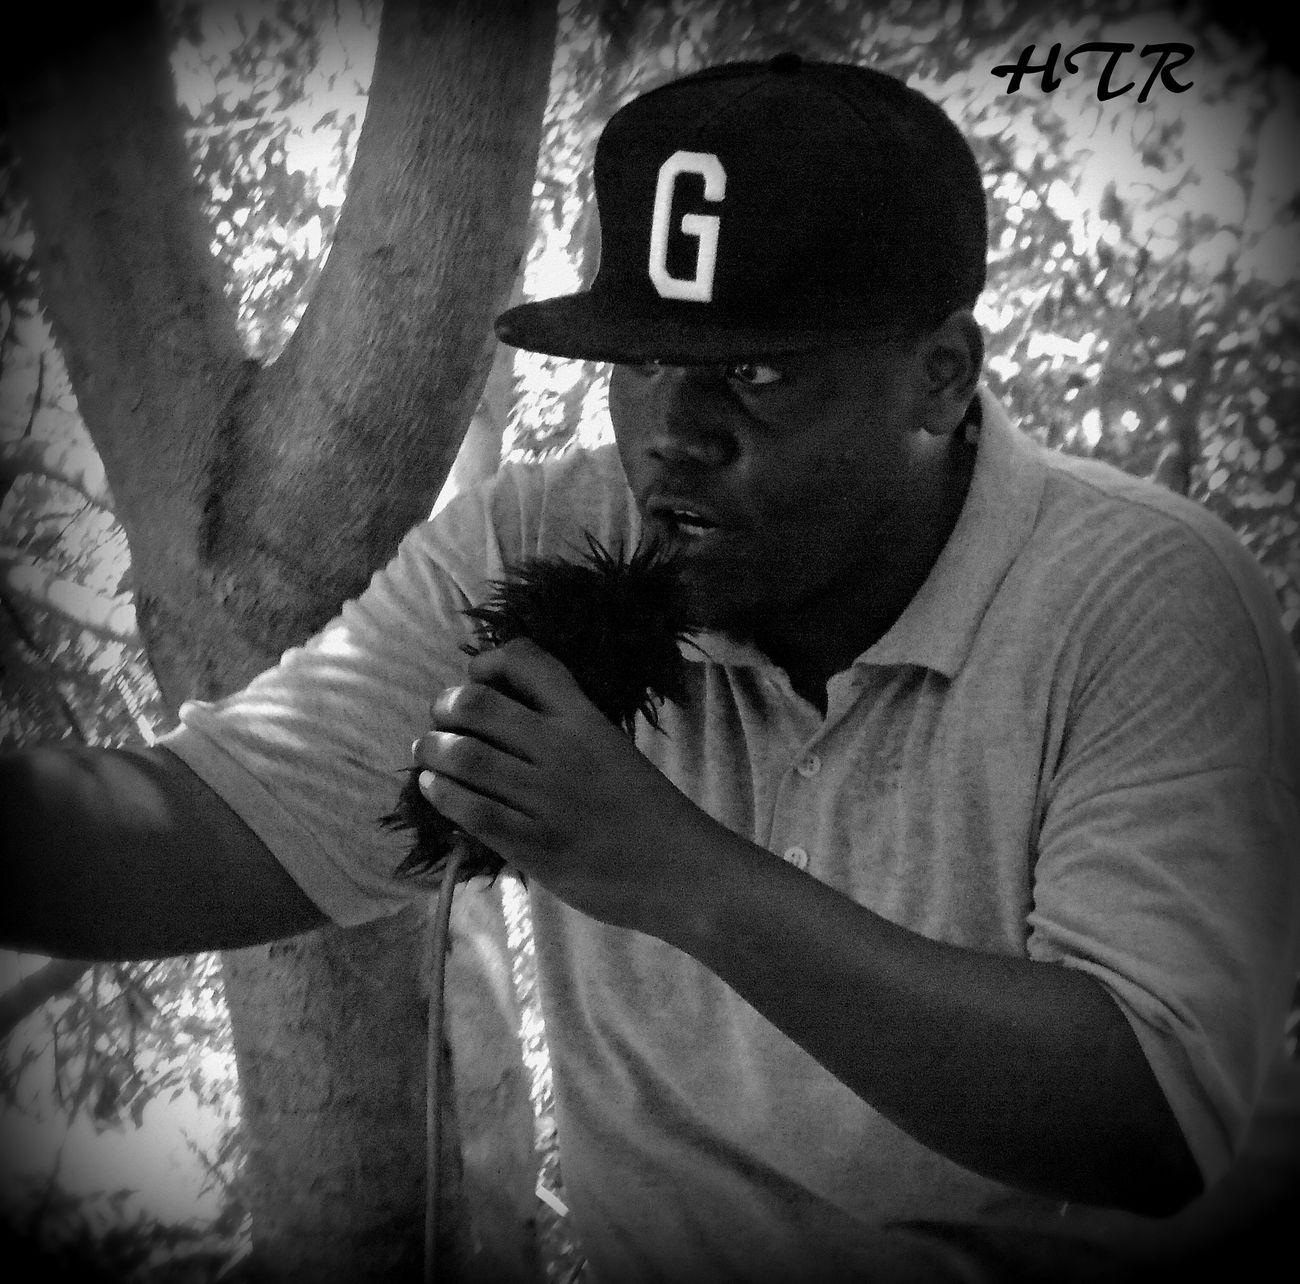 Rapper HTR. Musician Hip Hop First Eyeem Photo